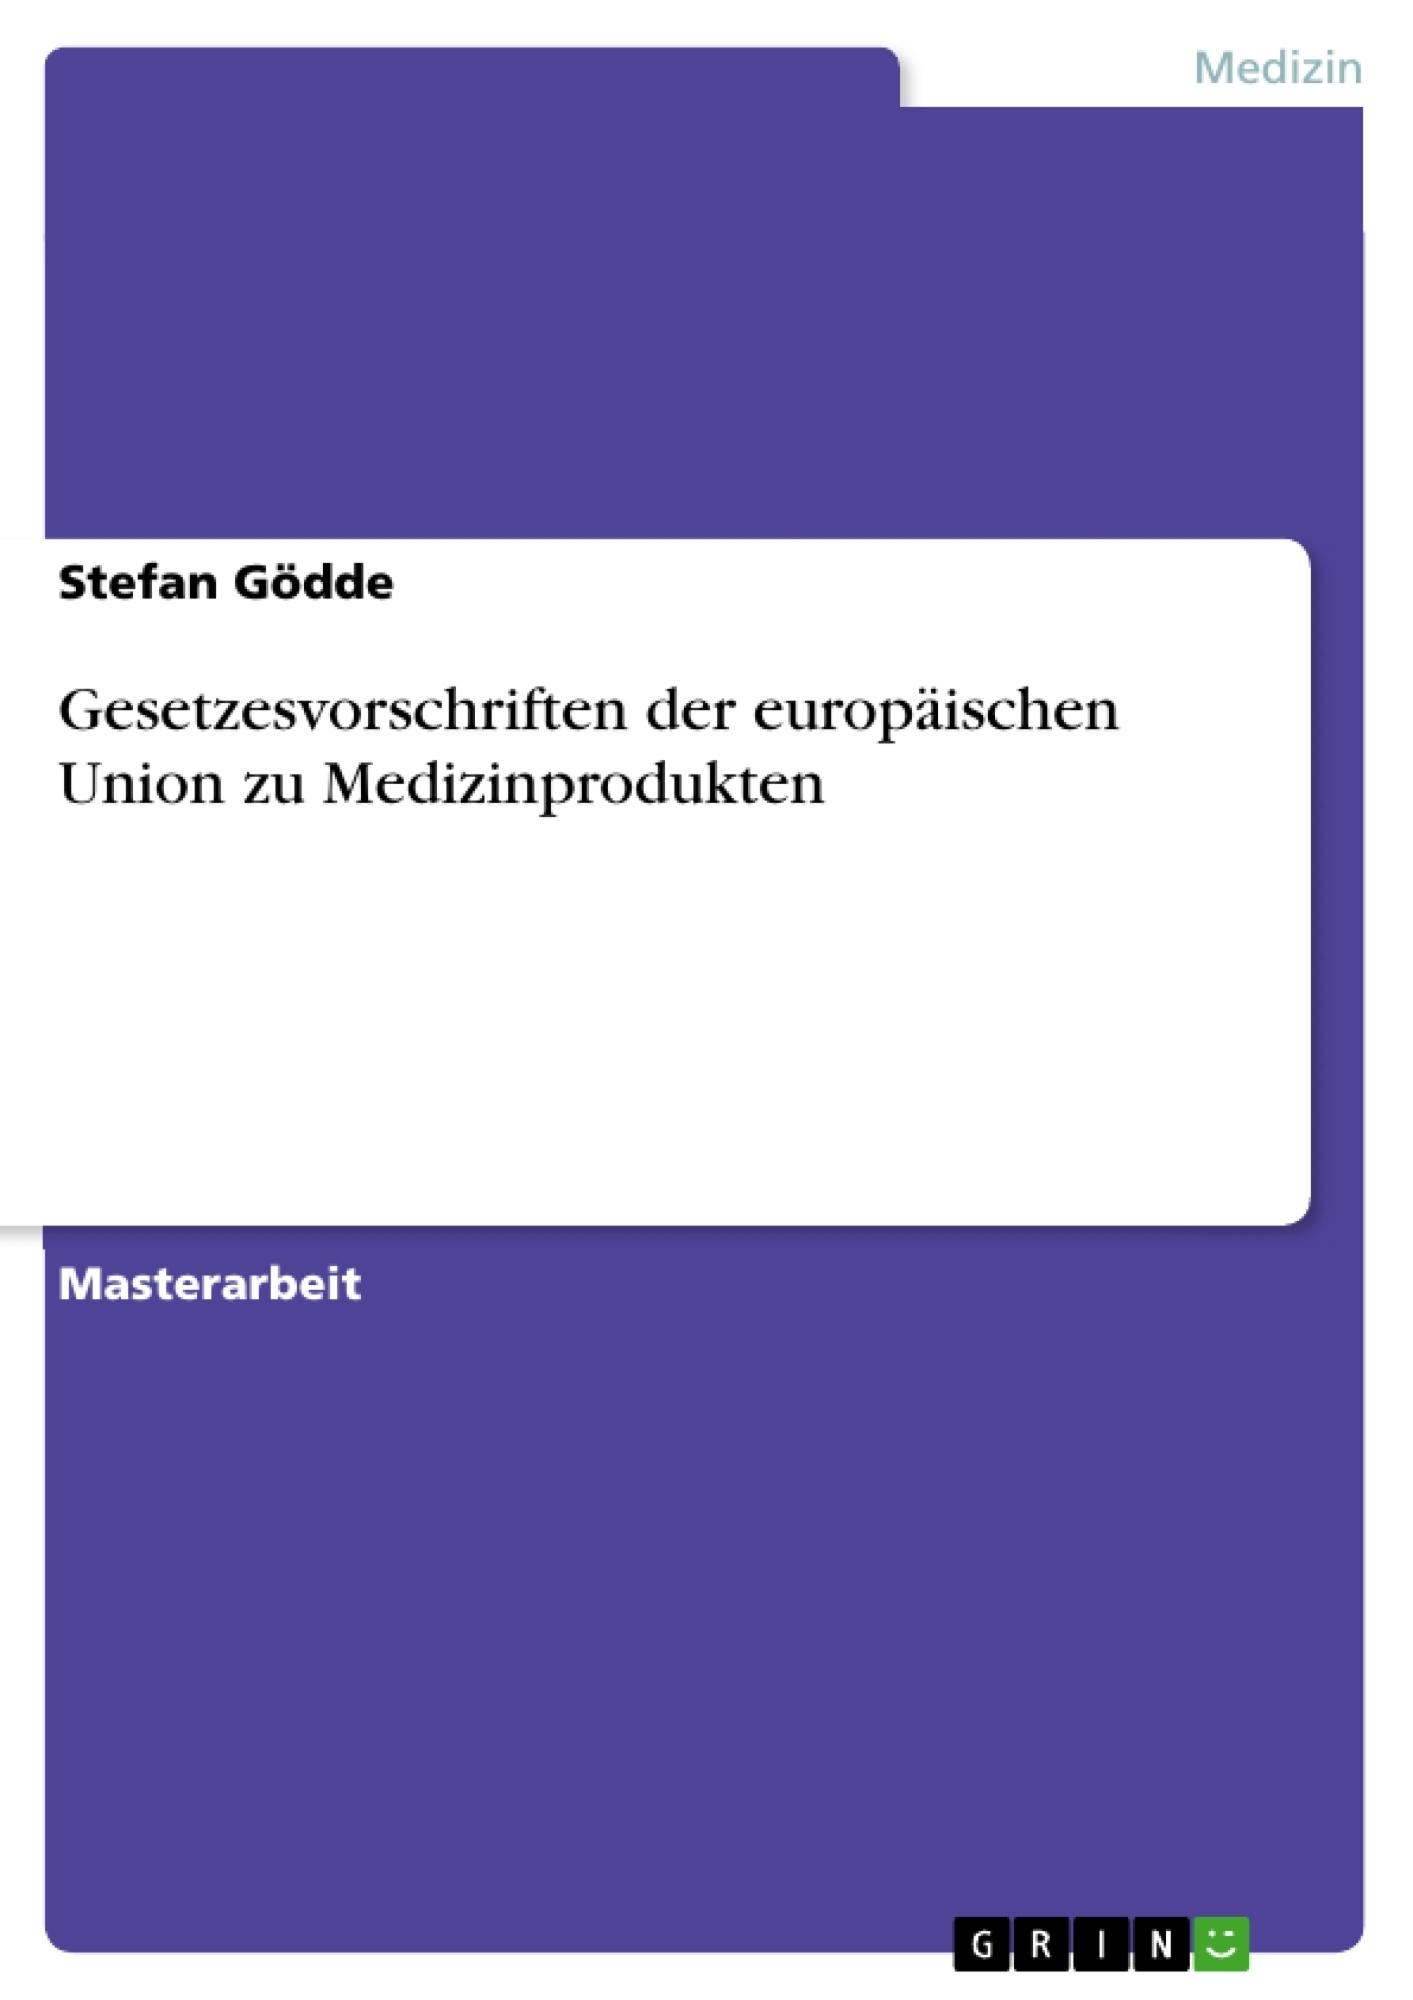 Titel: Gesetzesvorschriften der europäischen Union zu Medizinprodukten